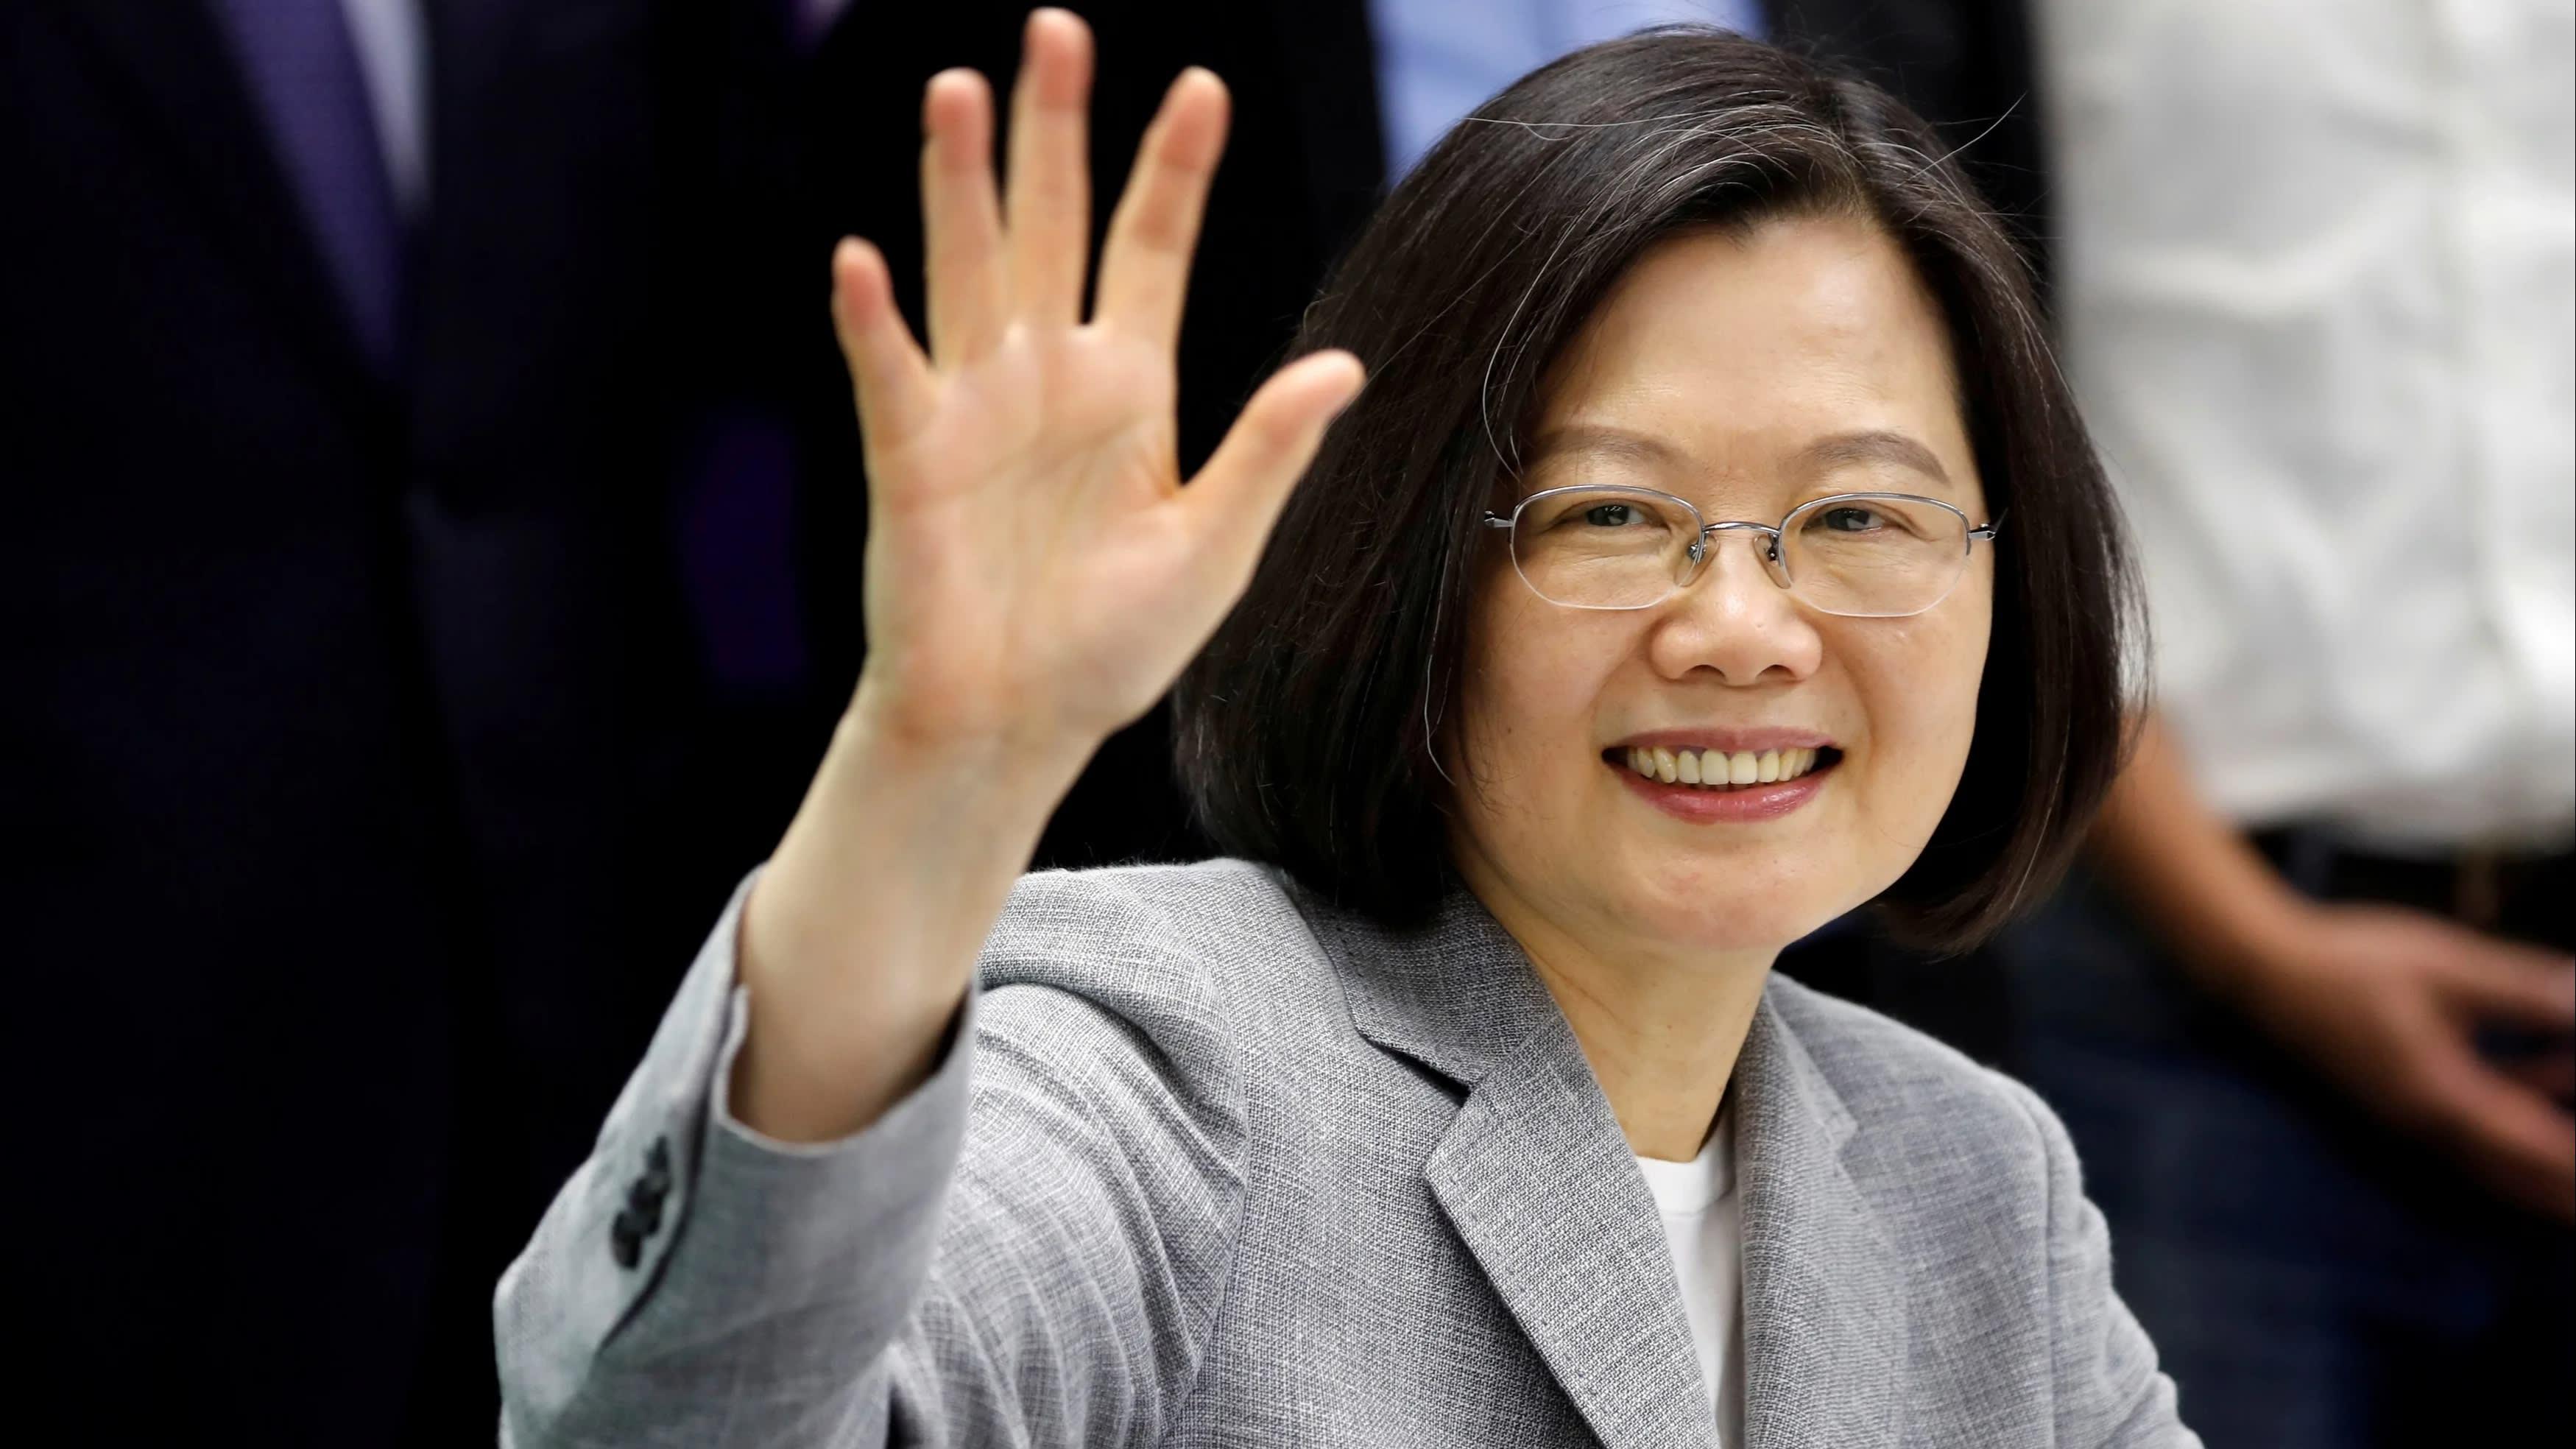 Taiwan's Tsai Ing-wen to visit US, angering Beijing - Nikkei Asian ...